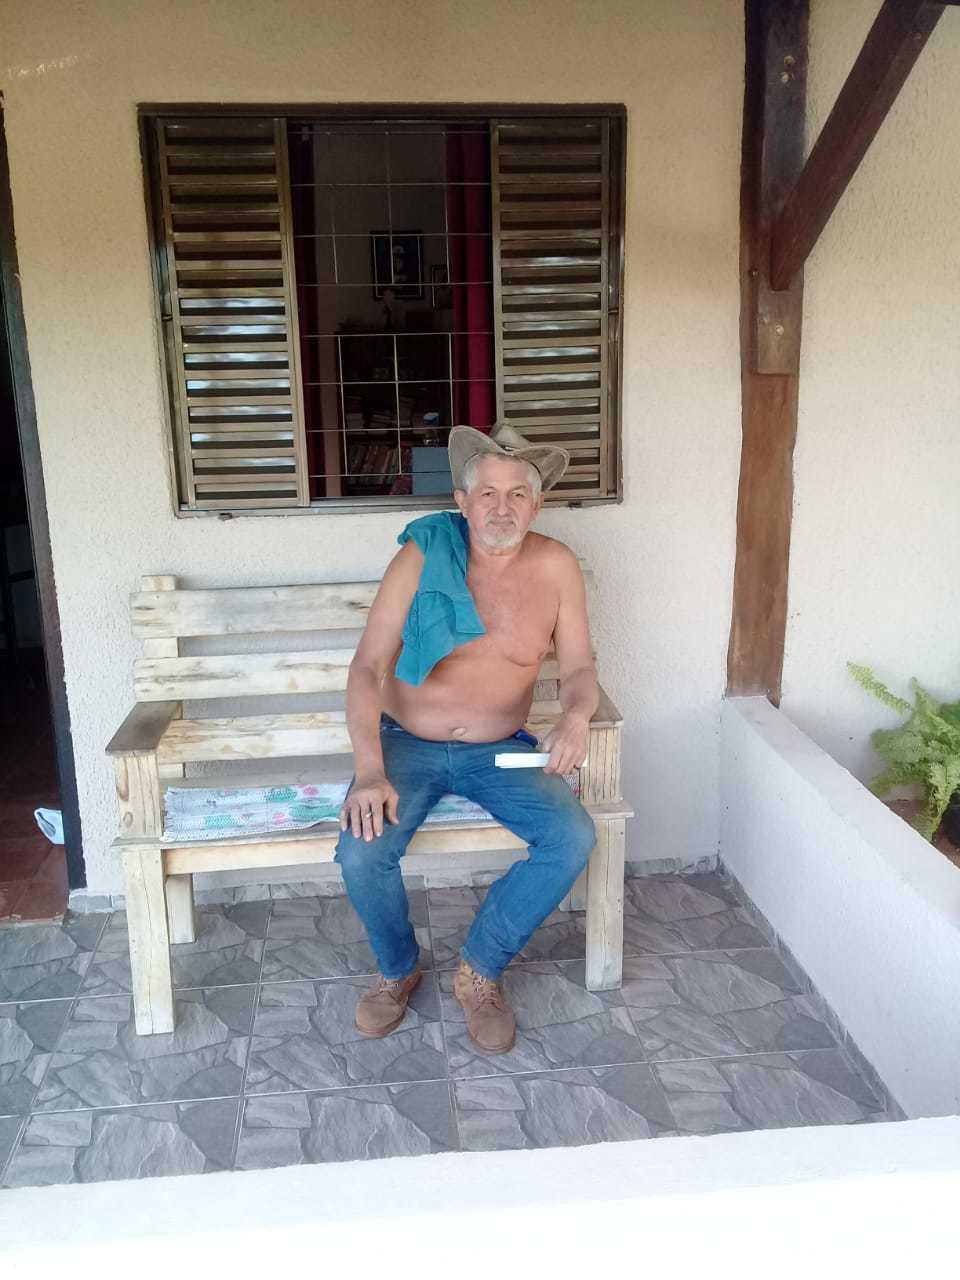 O Zé descamisado sentado, com sua camisa no ombro e chapéu na cabeça. (Foto: Arquivo pessoal)